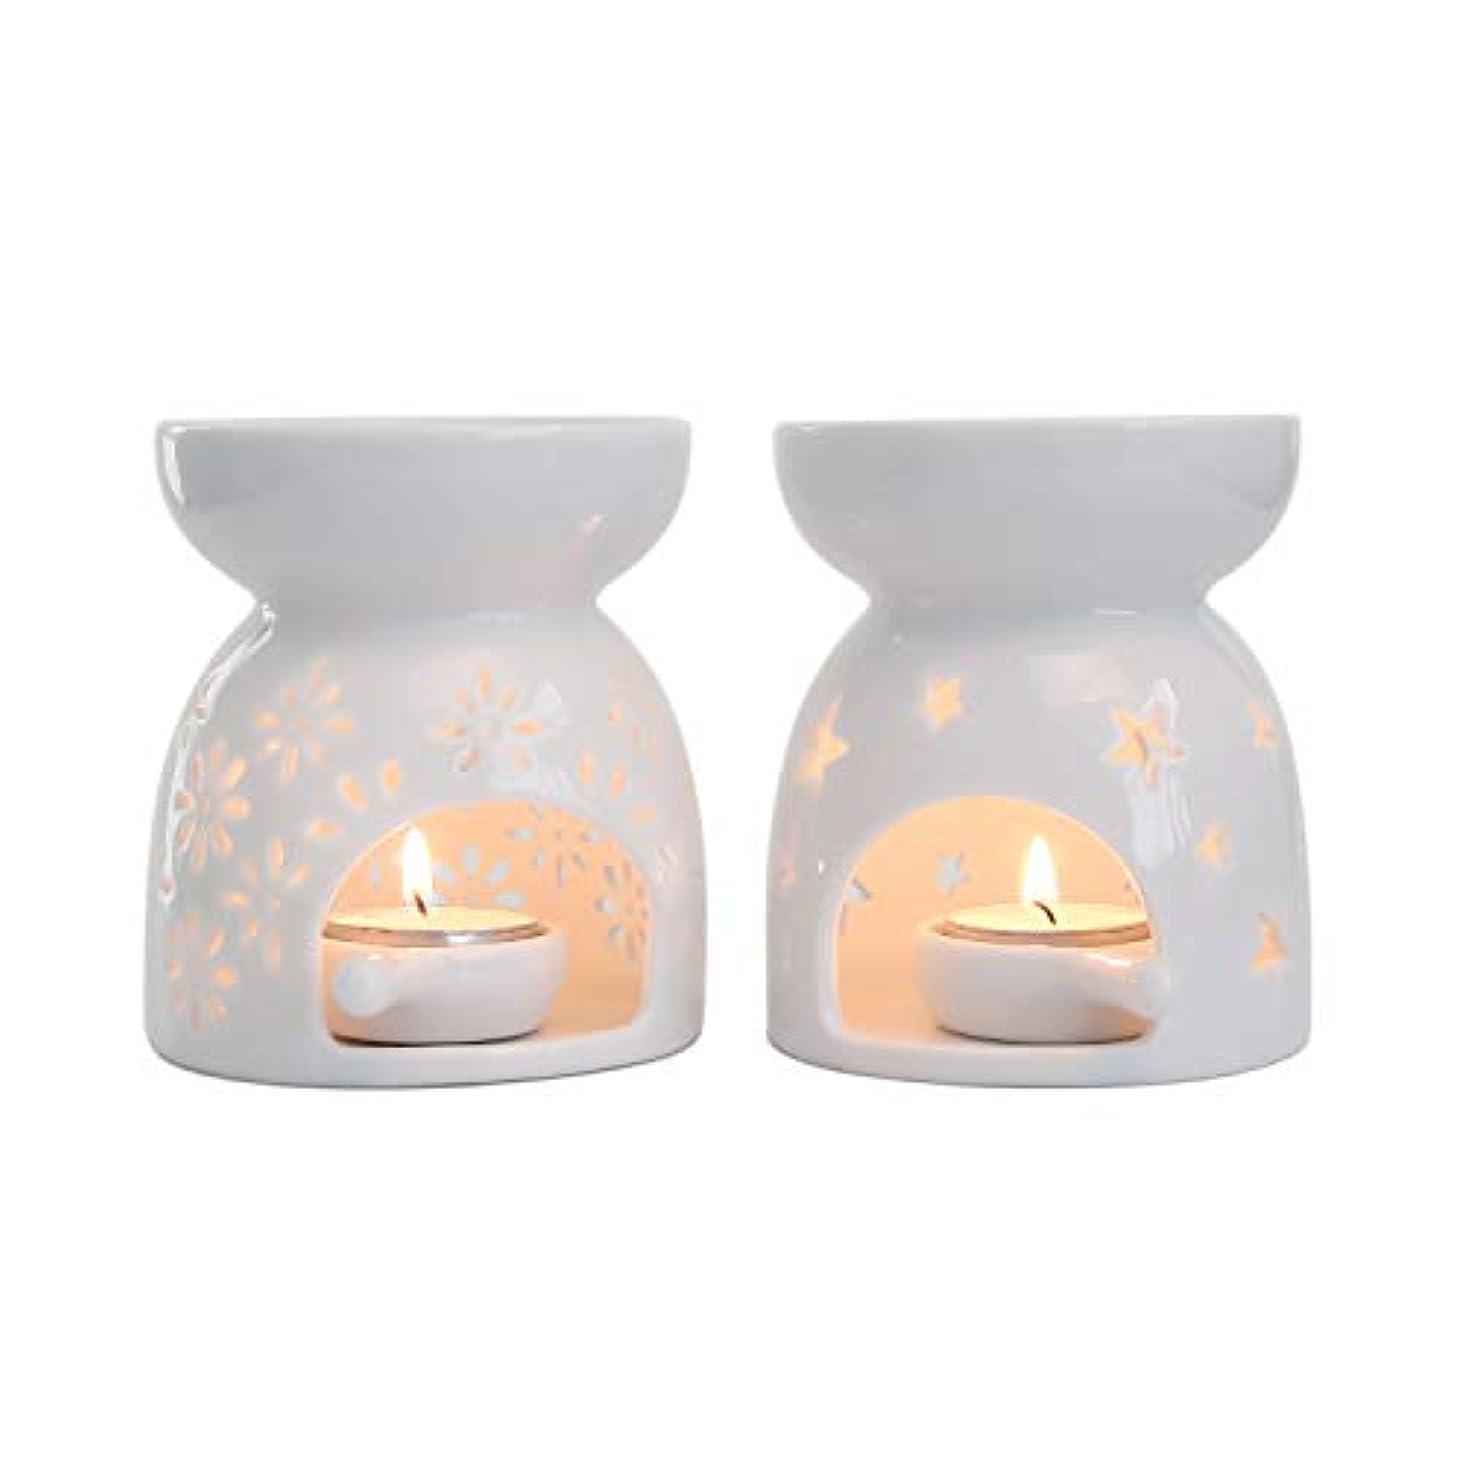 受益者通知するりんごRachel's Choice 陶製 アロマ ランプ ディフューザー アロマキャンドル キャンドルホルダー 花形&星形 ホワイト 2点セット